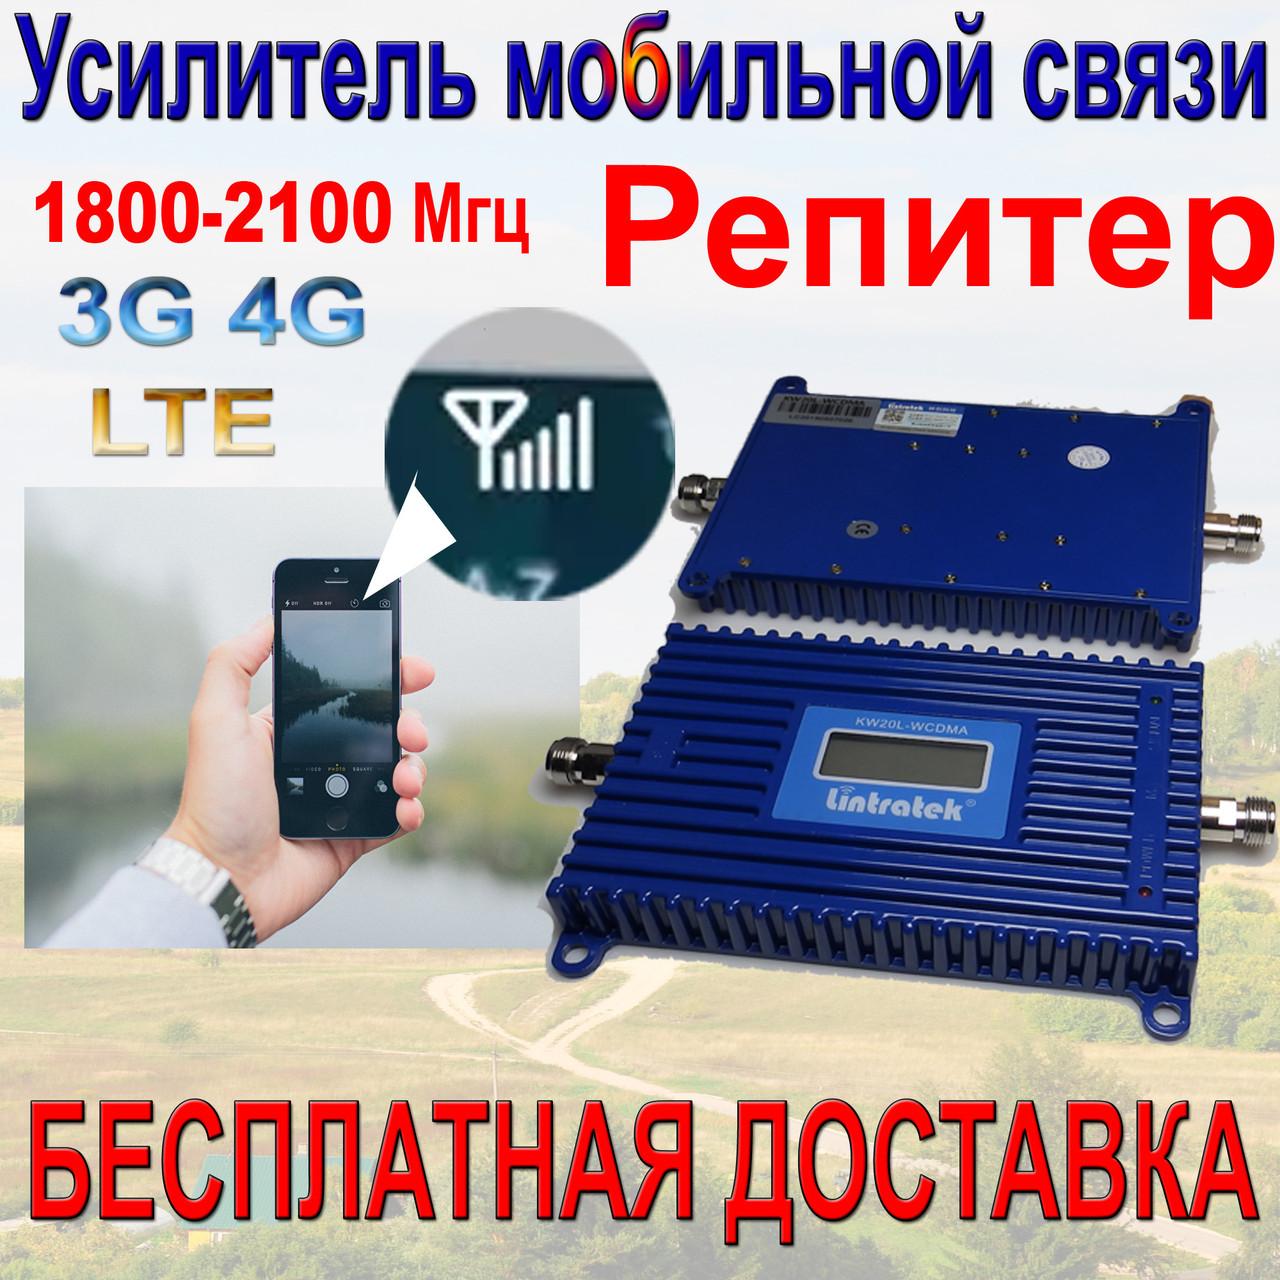 Усилитель Репитер Repeater сигнала Мобильной связи GSM 900 МГц, DCS 1800 МГц, 3G/4G интернета 2100 МГц